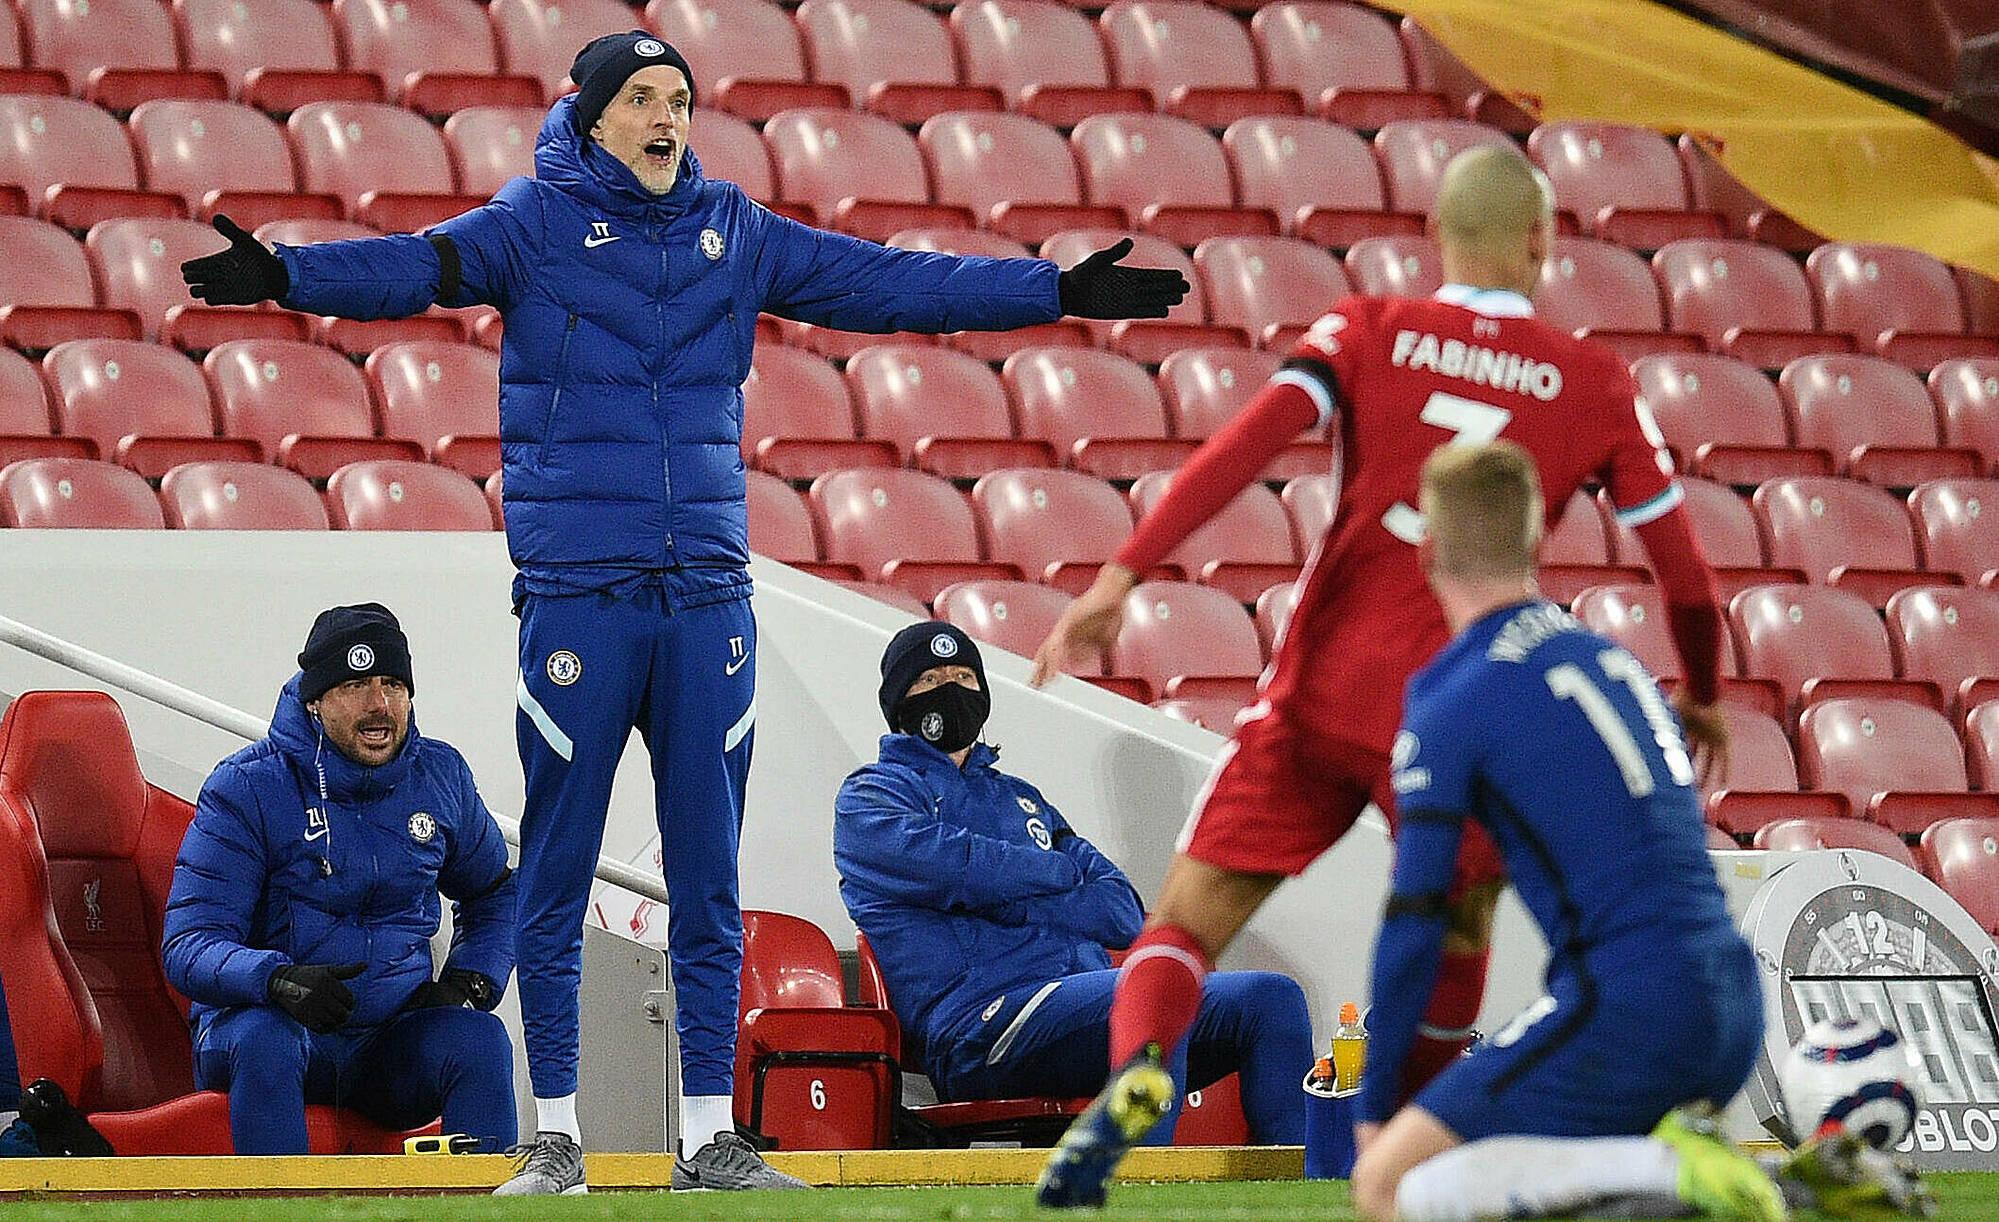 Tuchel tak ingin bertemu Liverpool di semifinal Liga Champions, untuk menghindari perasaan ingin menendang di Liga Inggris.  Foto: PA